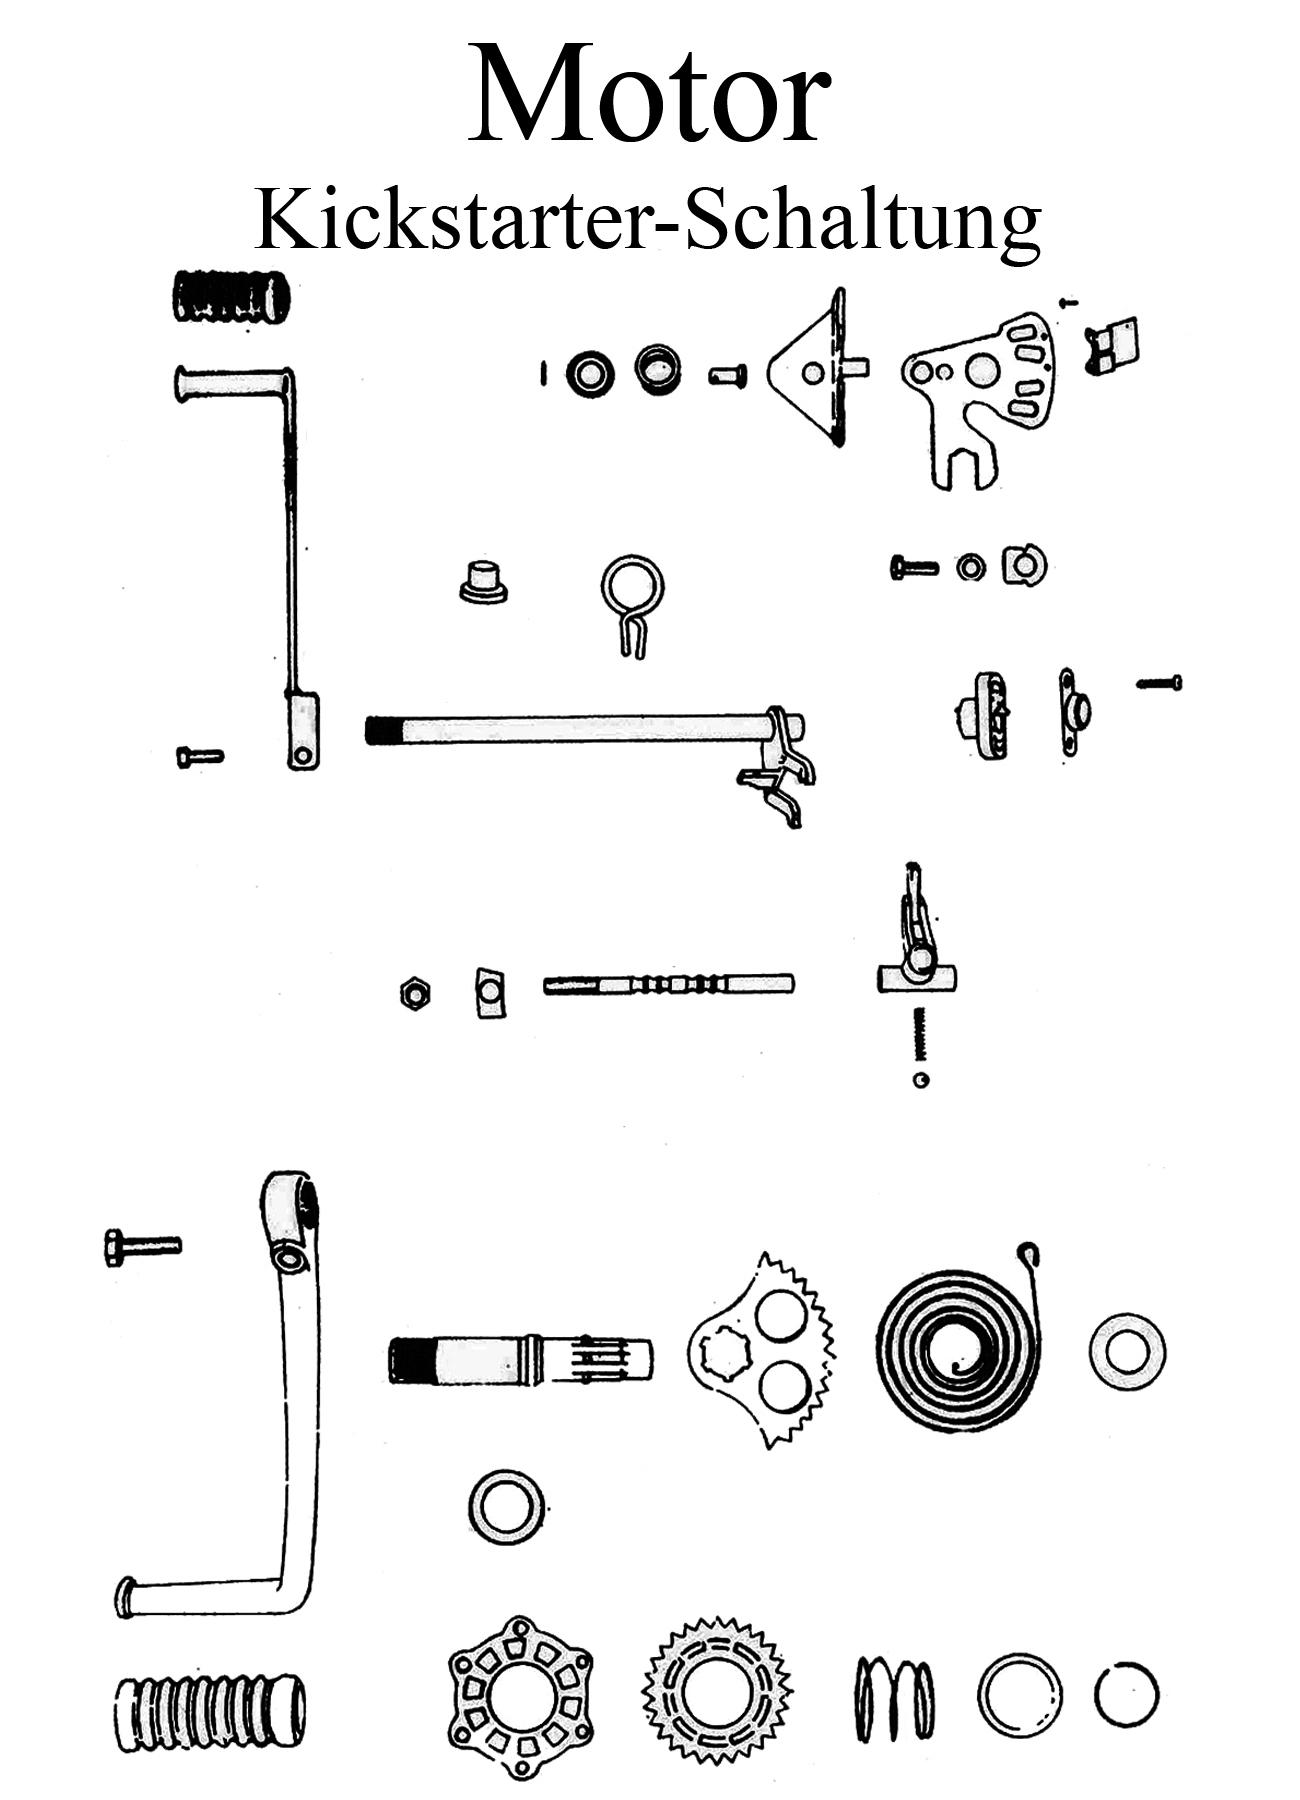 MZ TS 125 150 Ersatzteile Motor Kickstarter Schaltung